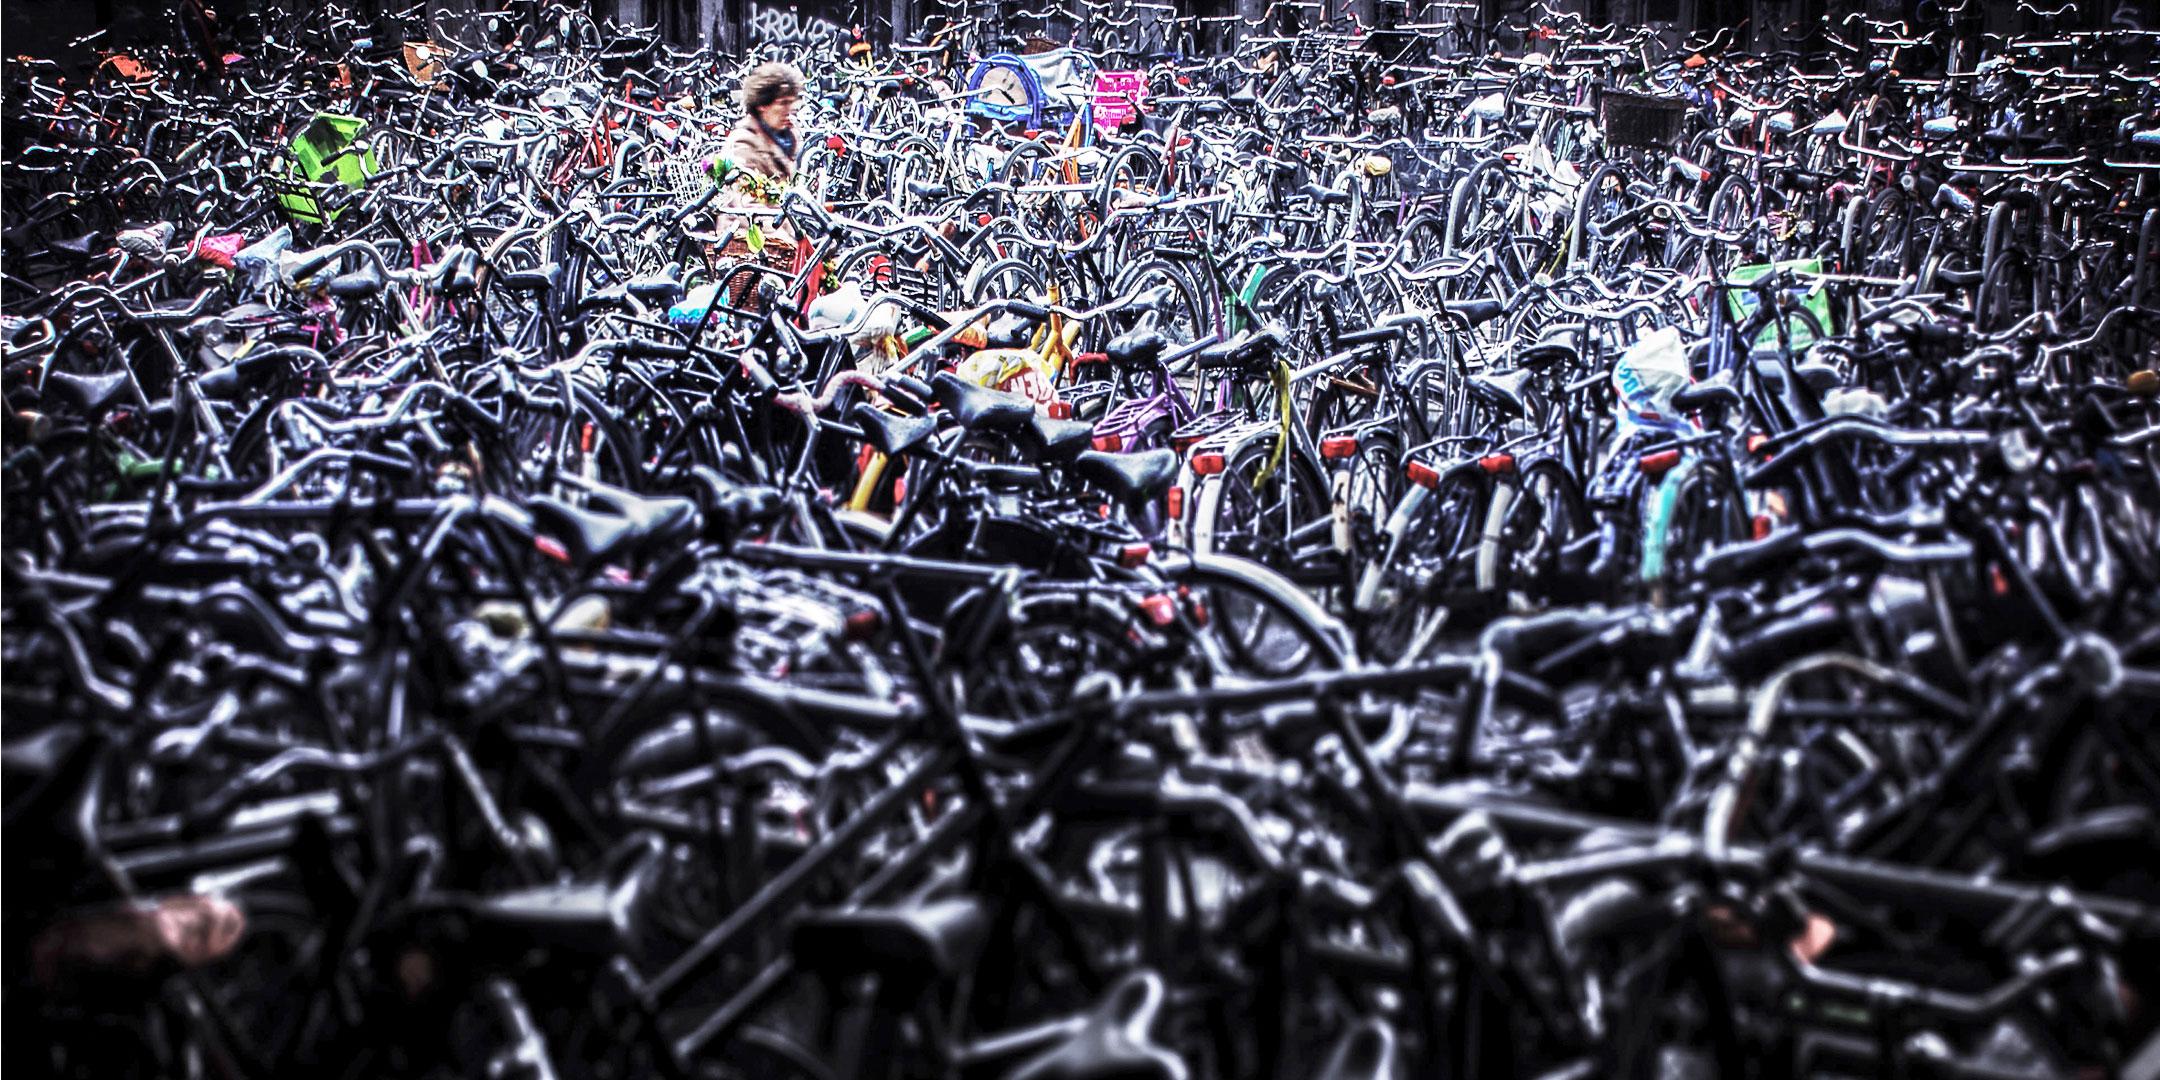 Petites personnes / J'étais barré à côté d'un vélo gris, il me semble. © Raphaël Thibodeau